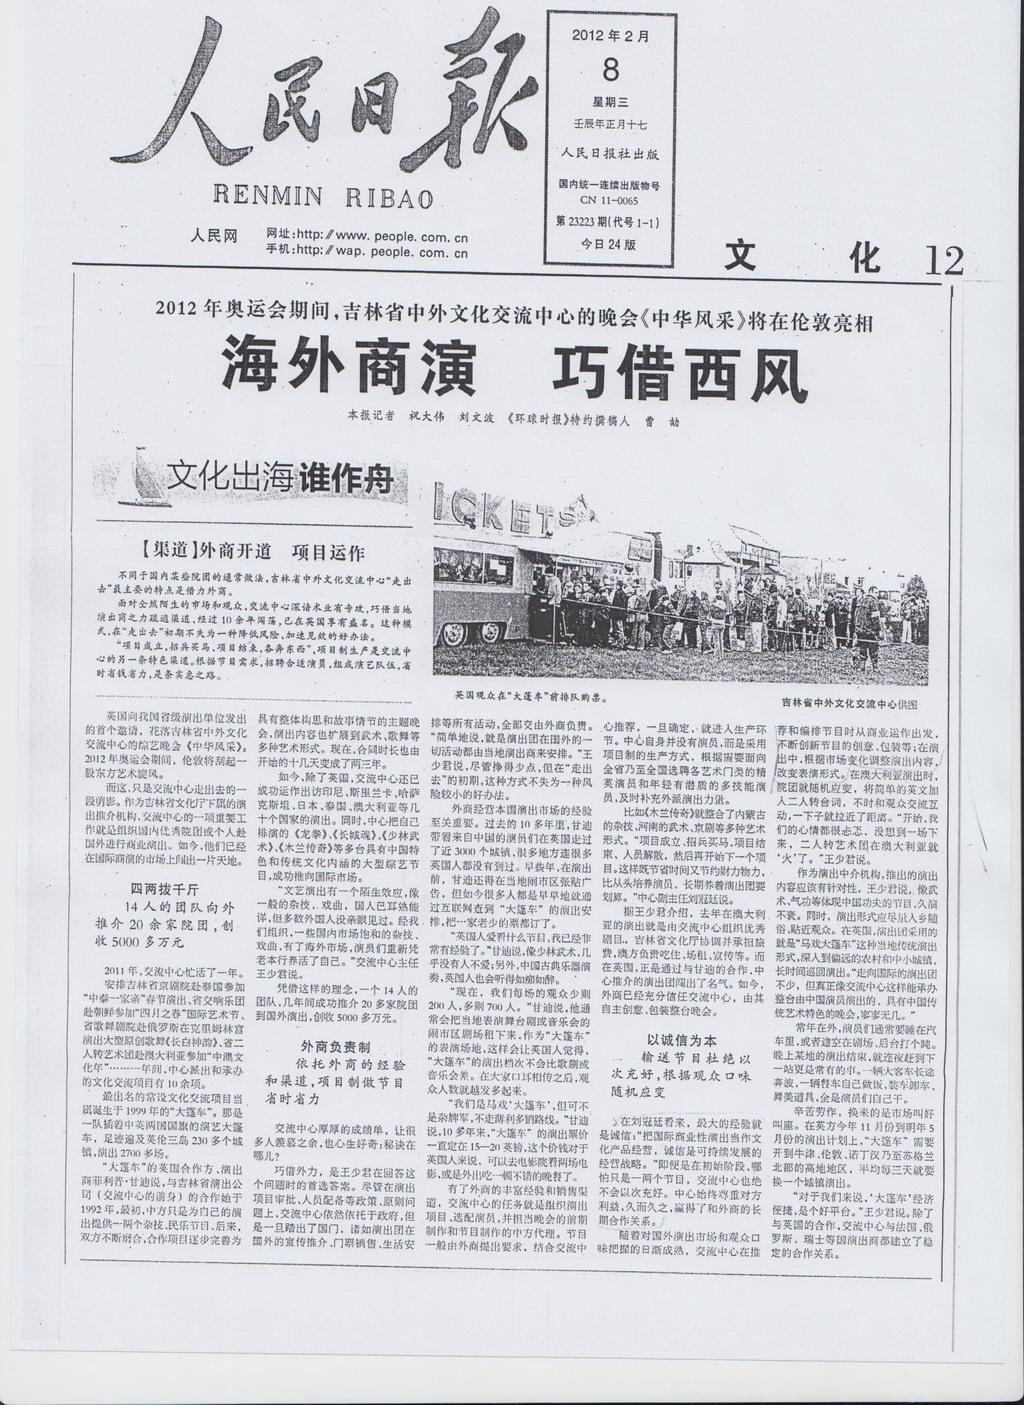 媒体报道剪报_1